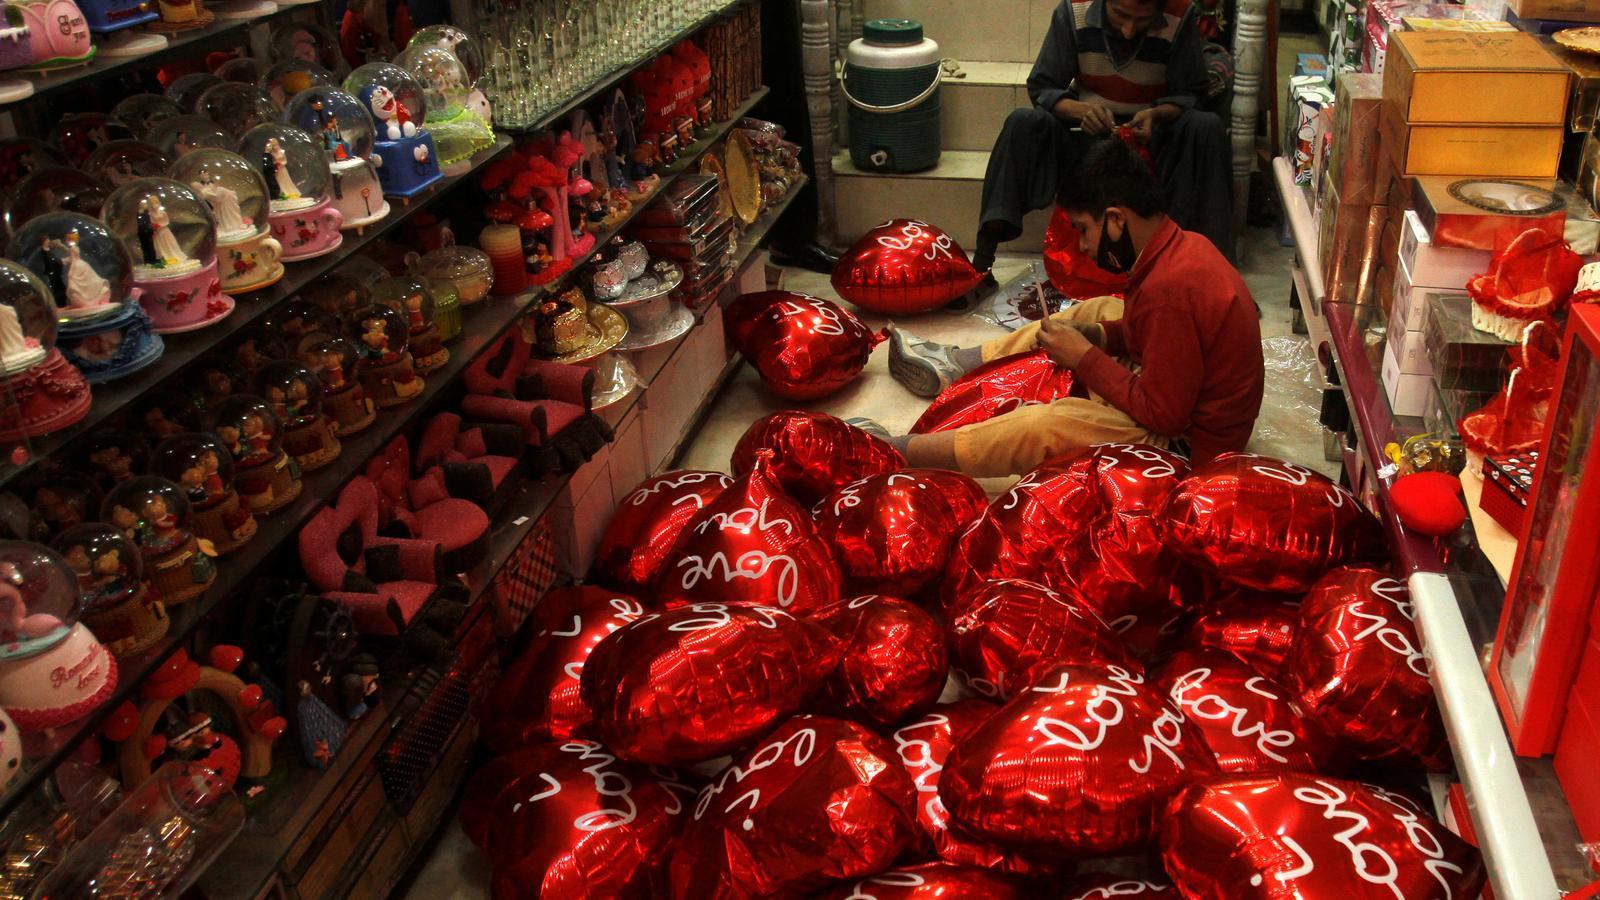 Home inflant globus en forma de cors per Sant Valentí / Fayaz Aziz